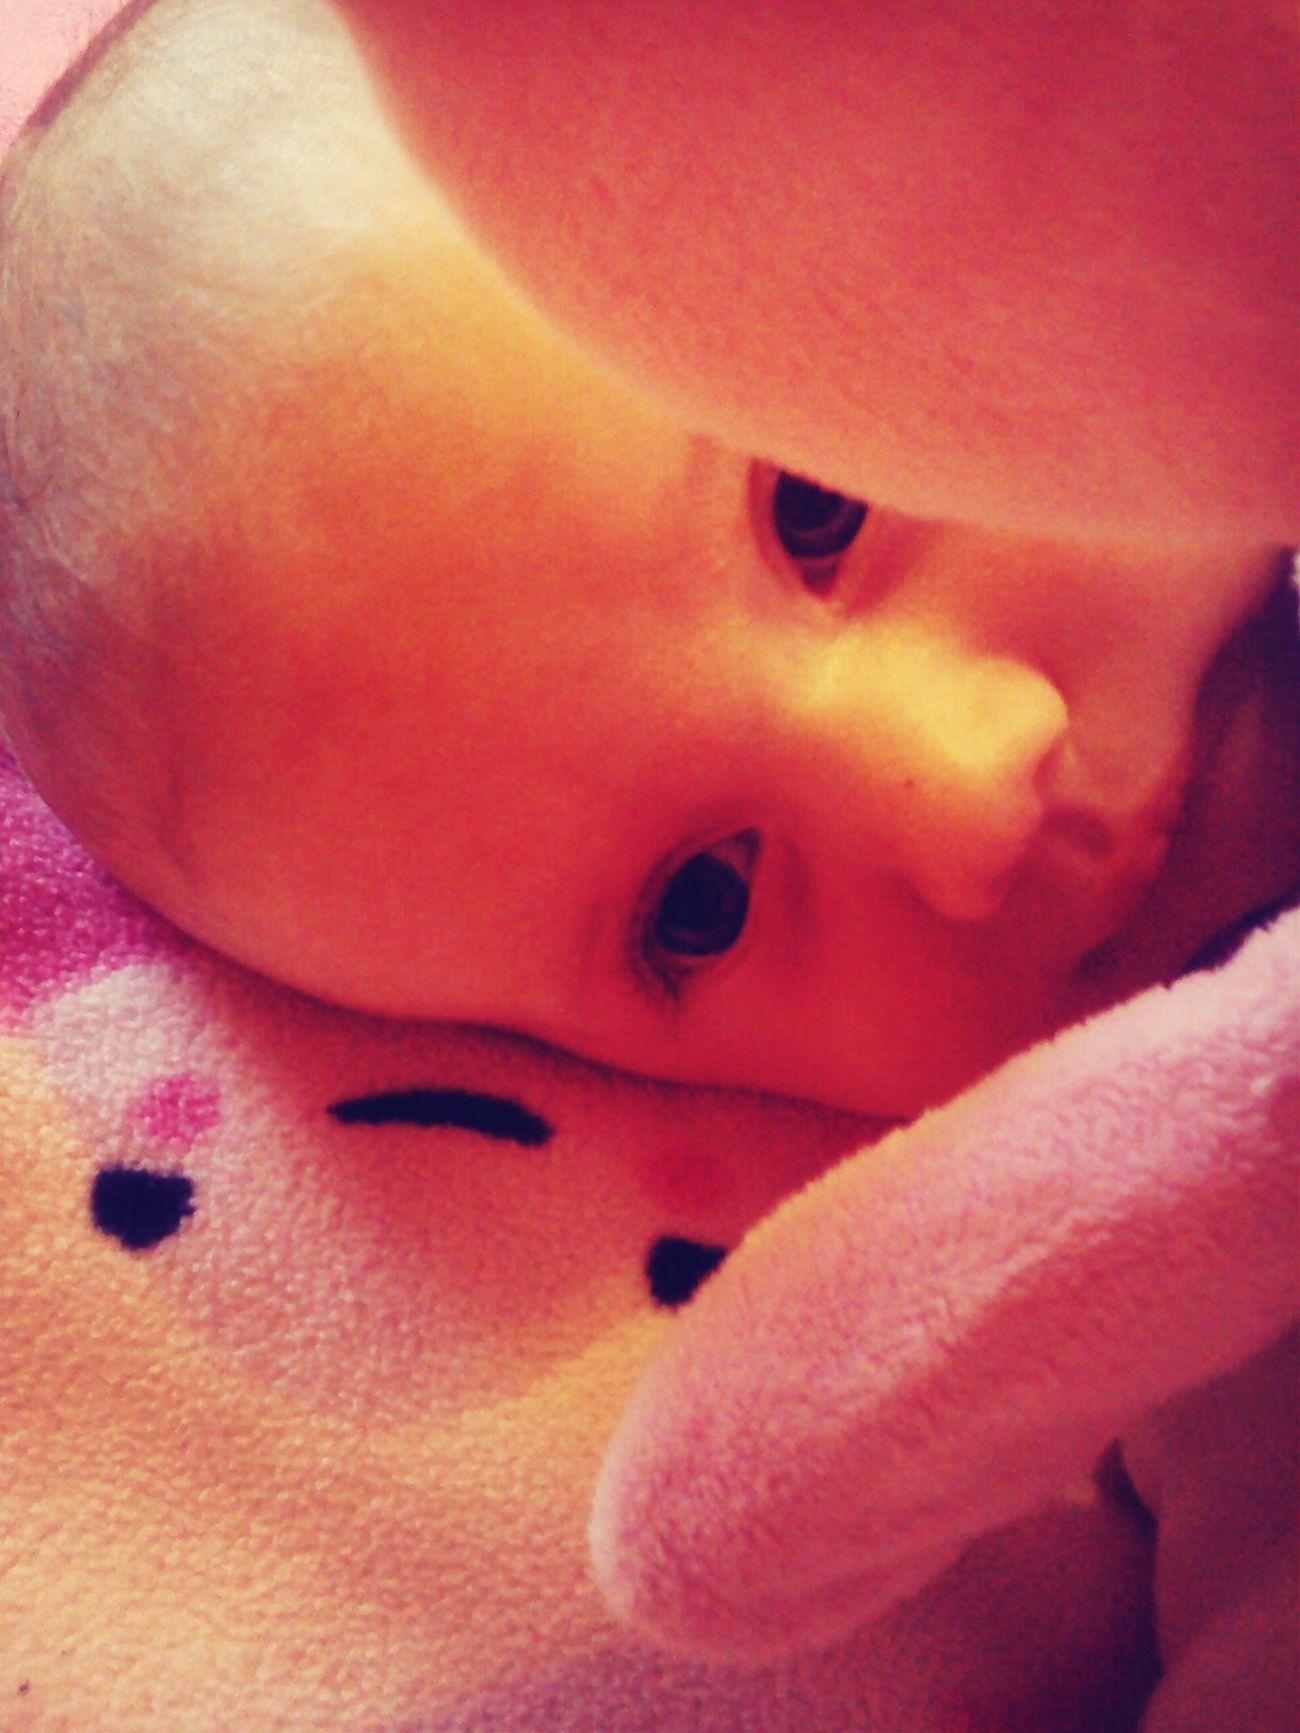 Cute♡ My Baby Photo Mummy Love